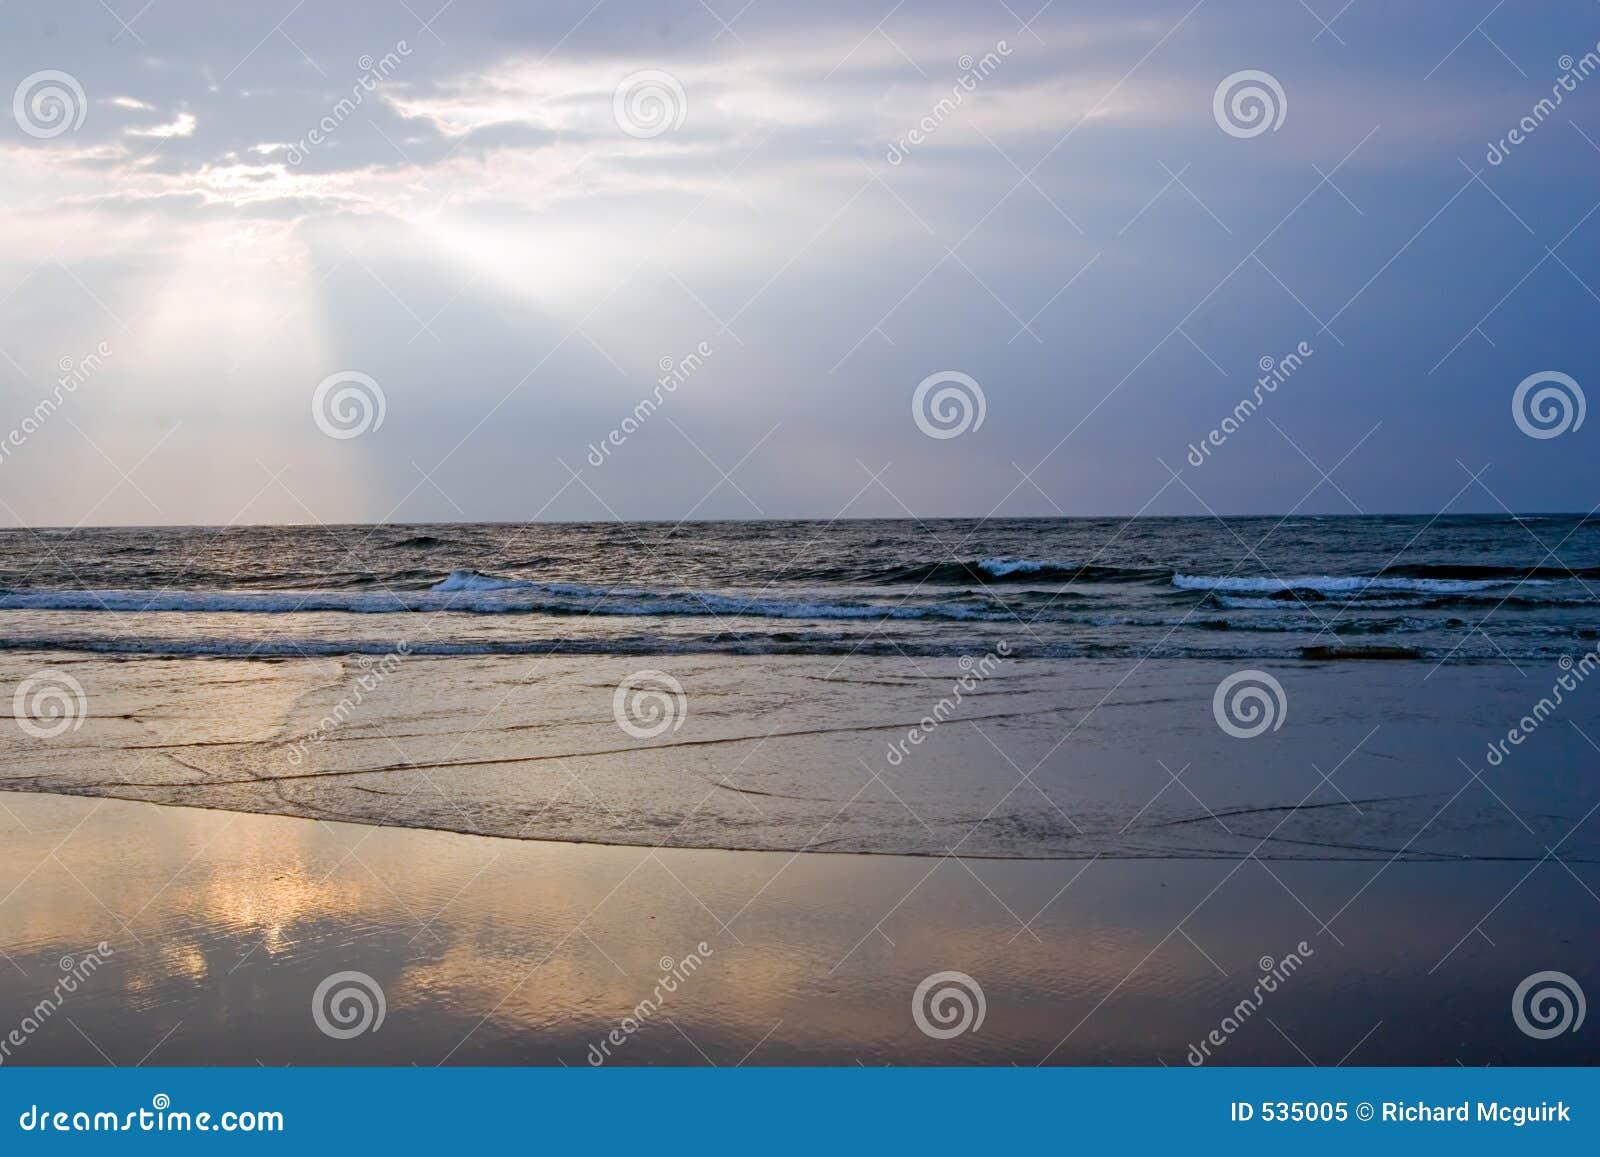 Download 使日出靠岸 库存图片. 图片 包括有 本质, 黎明, 海岸, 沙子, 沿海, 金黄, 海景, 颜色, 破晓, 横向 - 535005